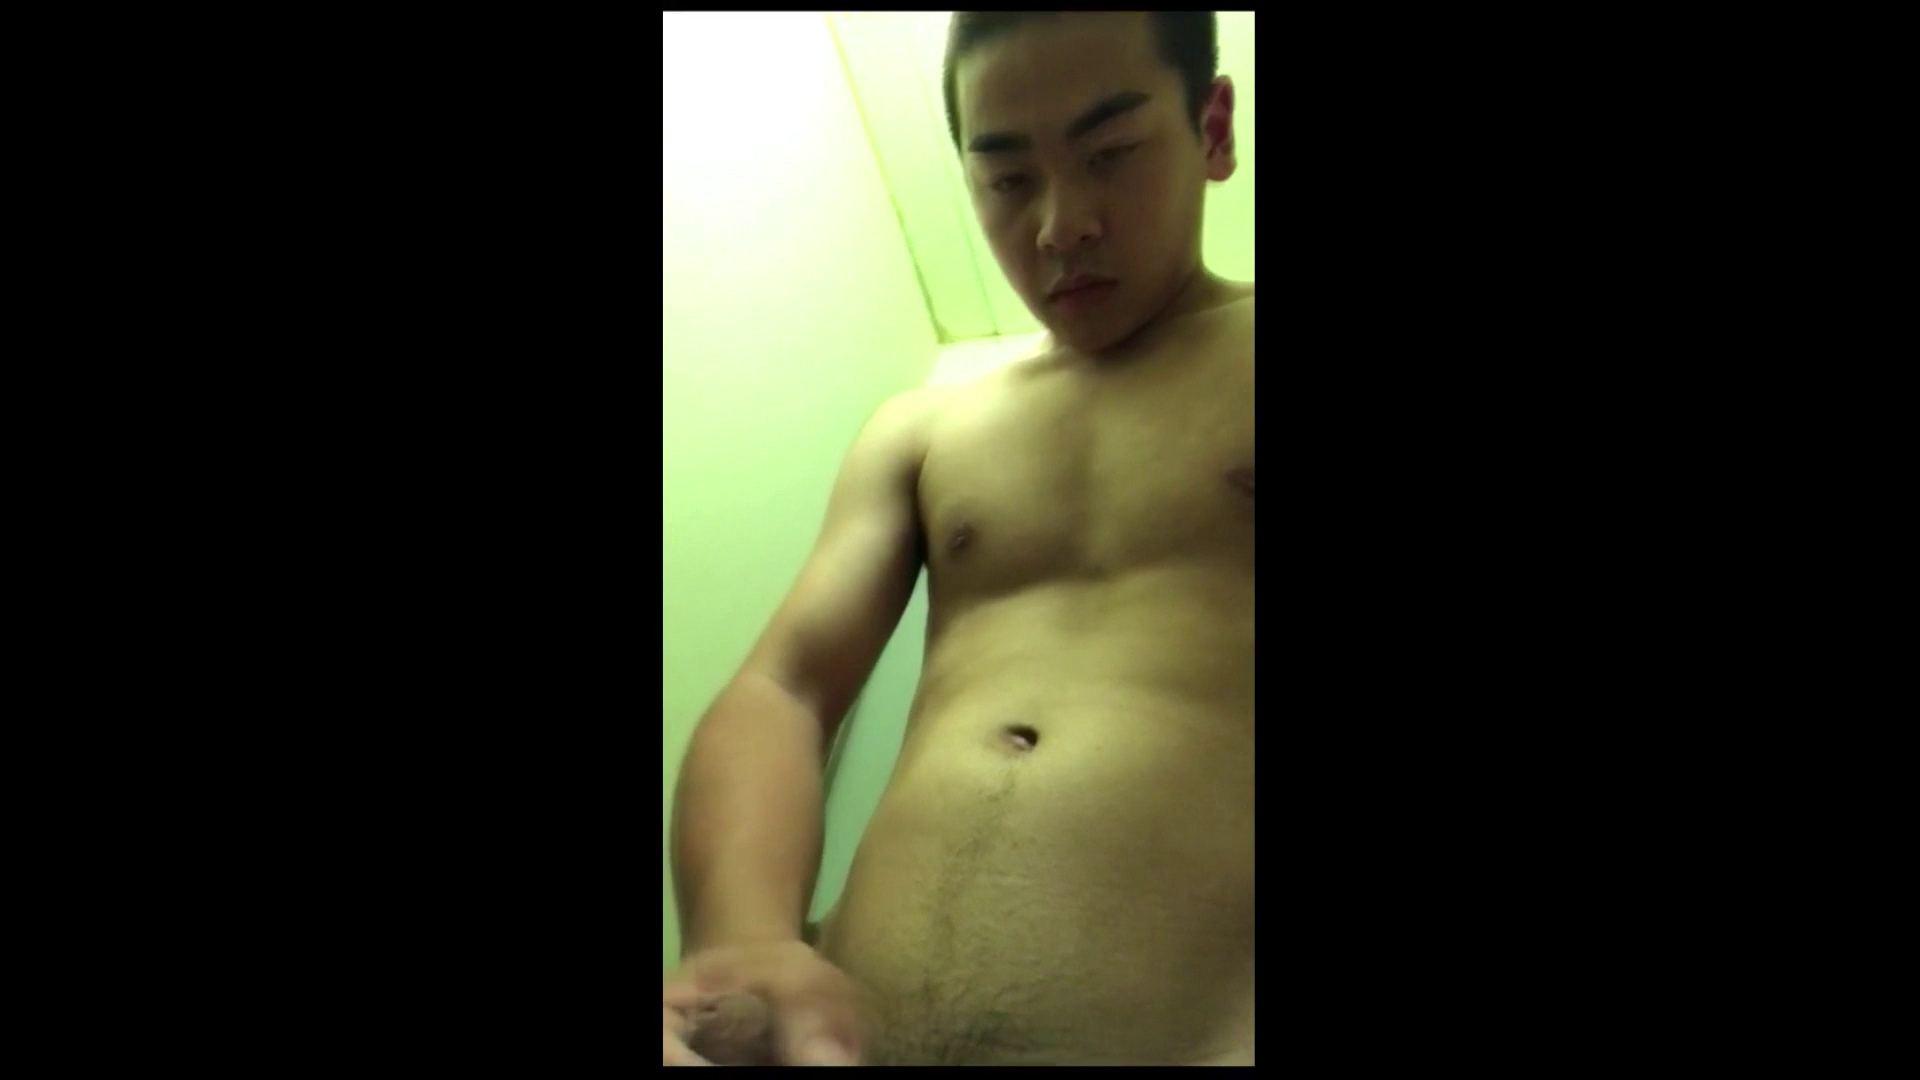 個人撮影 自慰の極意 Vol.2 無修正 ゲイ無修正ビデオ画像 79pic 45